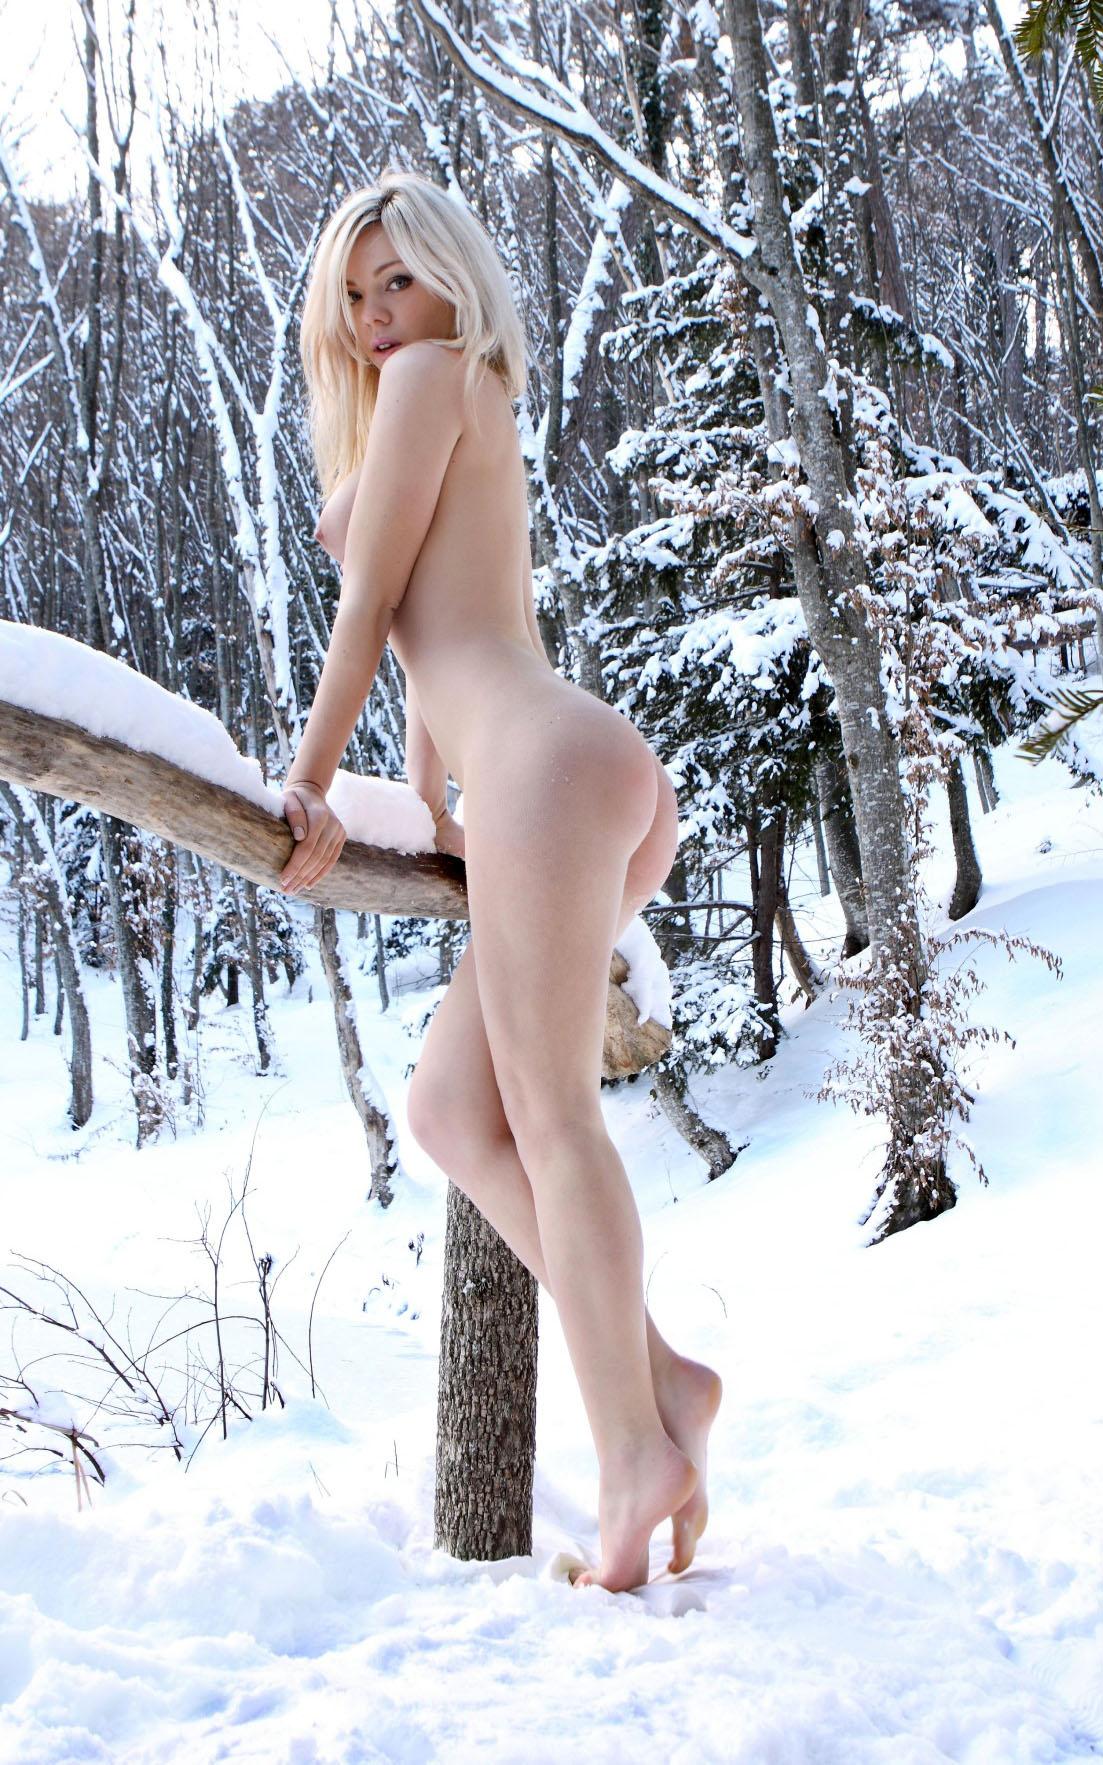 фотографии девушек зимой голых всплеска популярности